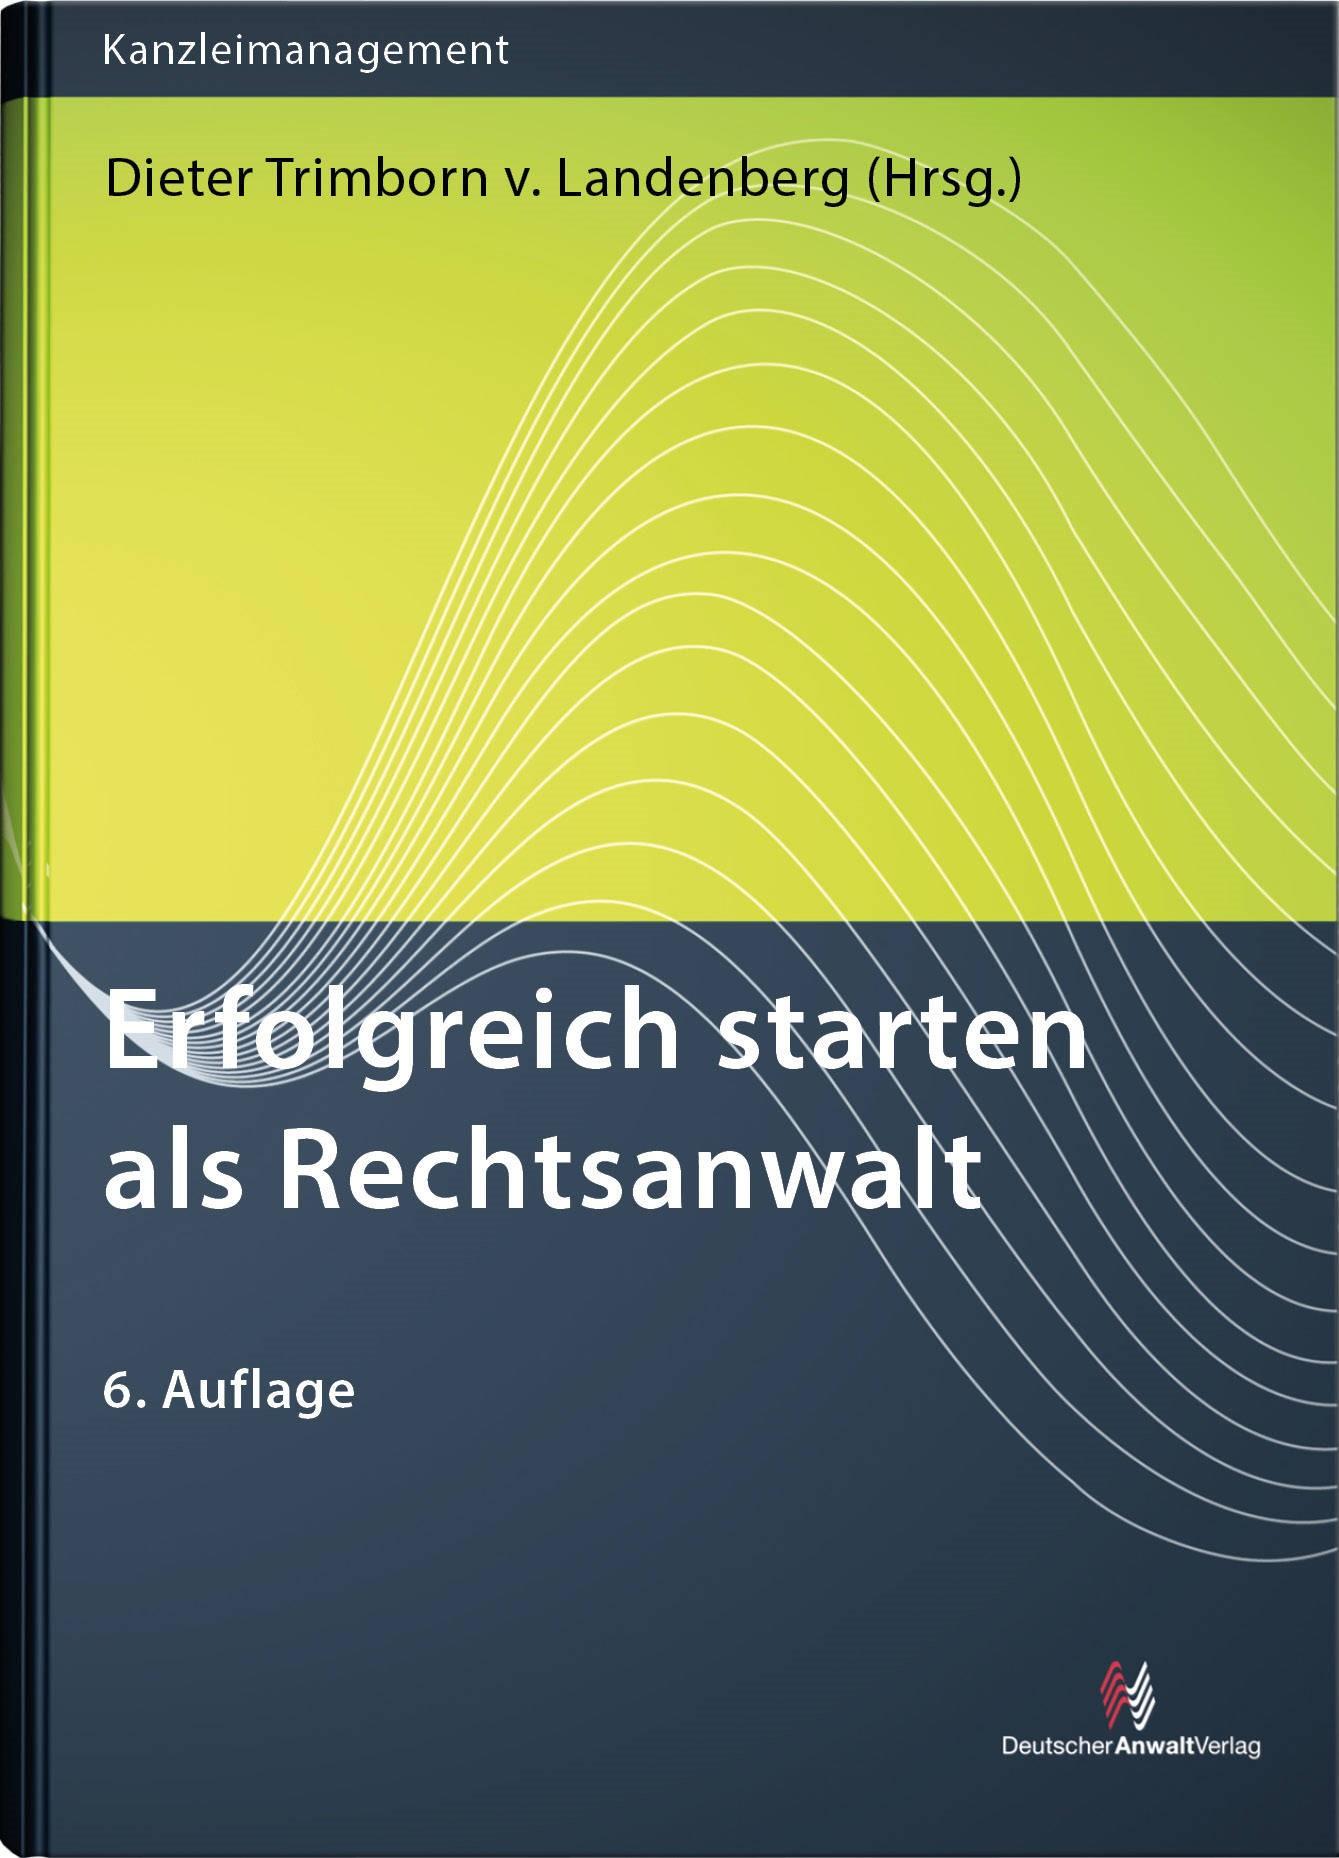 Erfolgreich starten als Rechtsanwalt   Trimborn von Landenberg (Hrsg.)   6. Auflage, 2018   Buch (Cover)